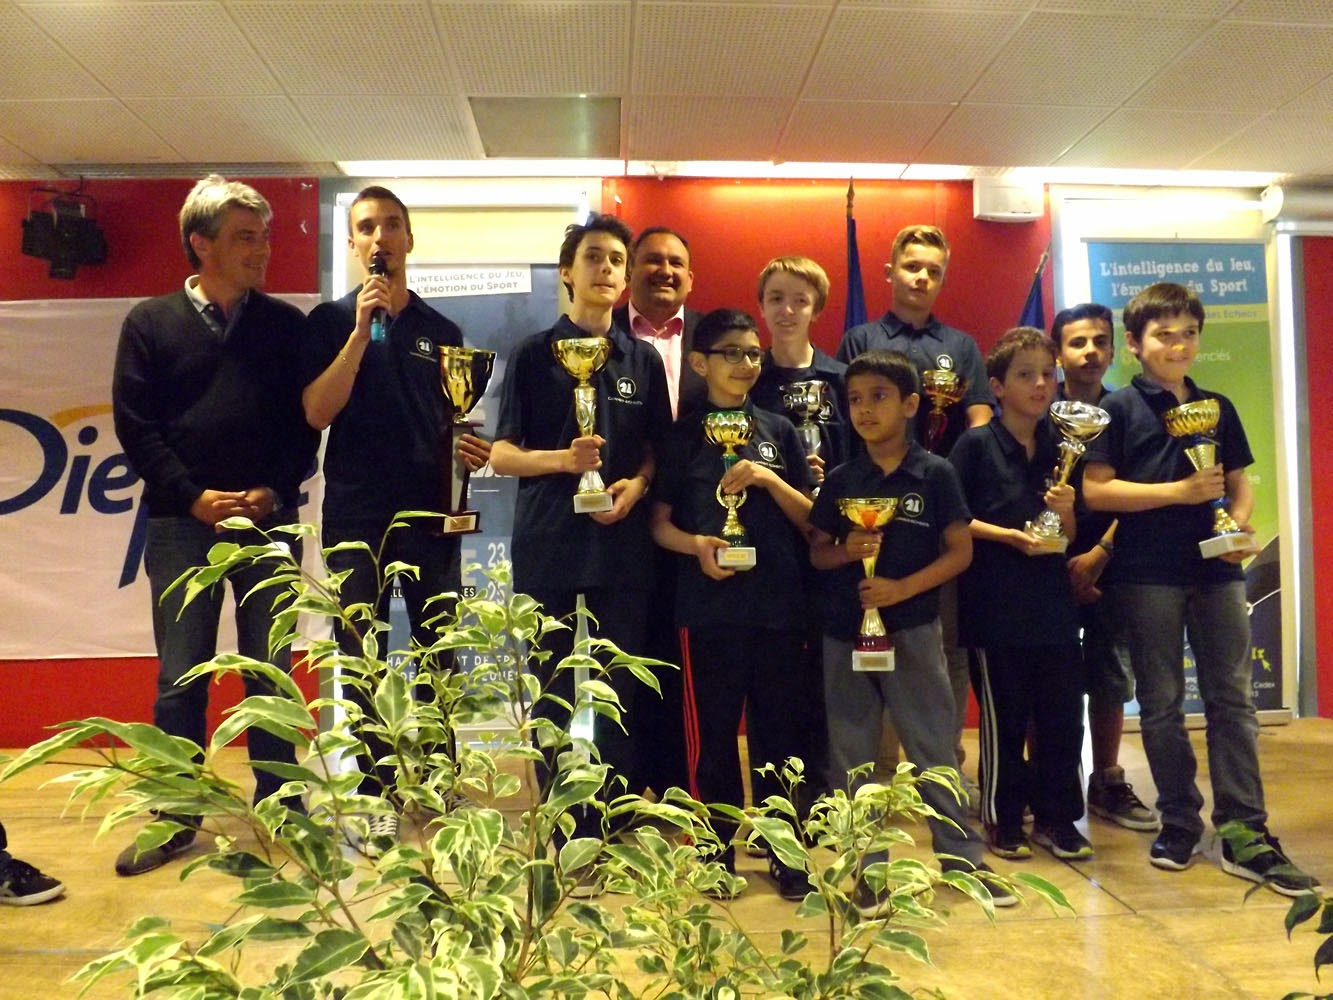 Cannes remporte son 7e titre de champion de France des Clubs Jeunes - Photo © FFE